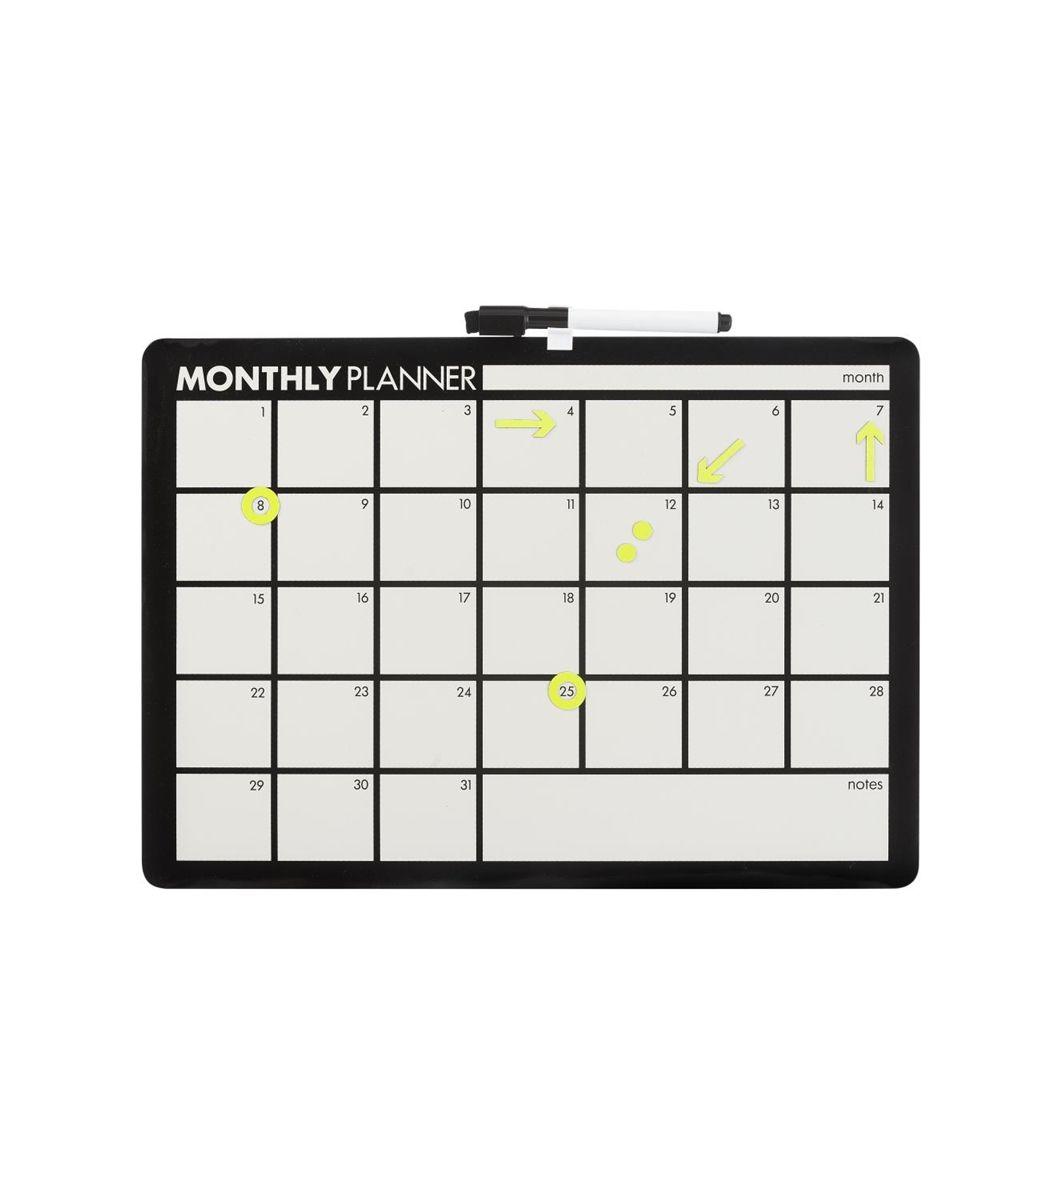 Fonkelnieuw whiteboard maandplanner - HEMA (met afbeeldingen) | Maandplanner MD-62